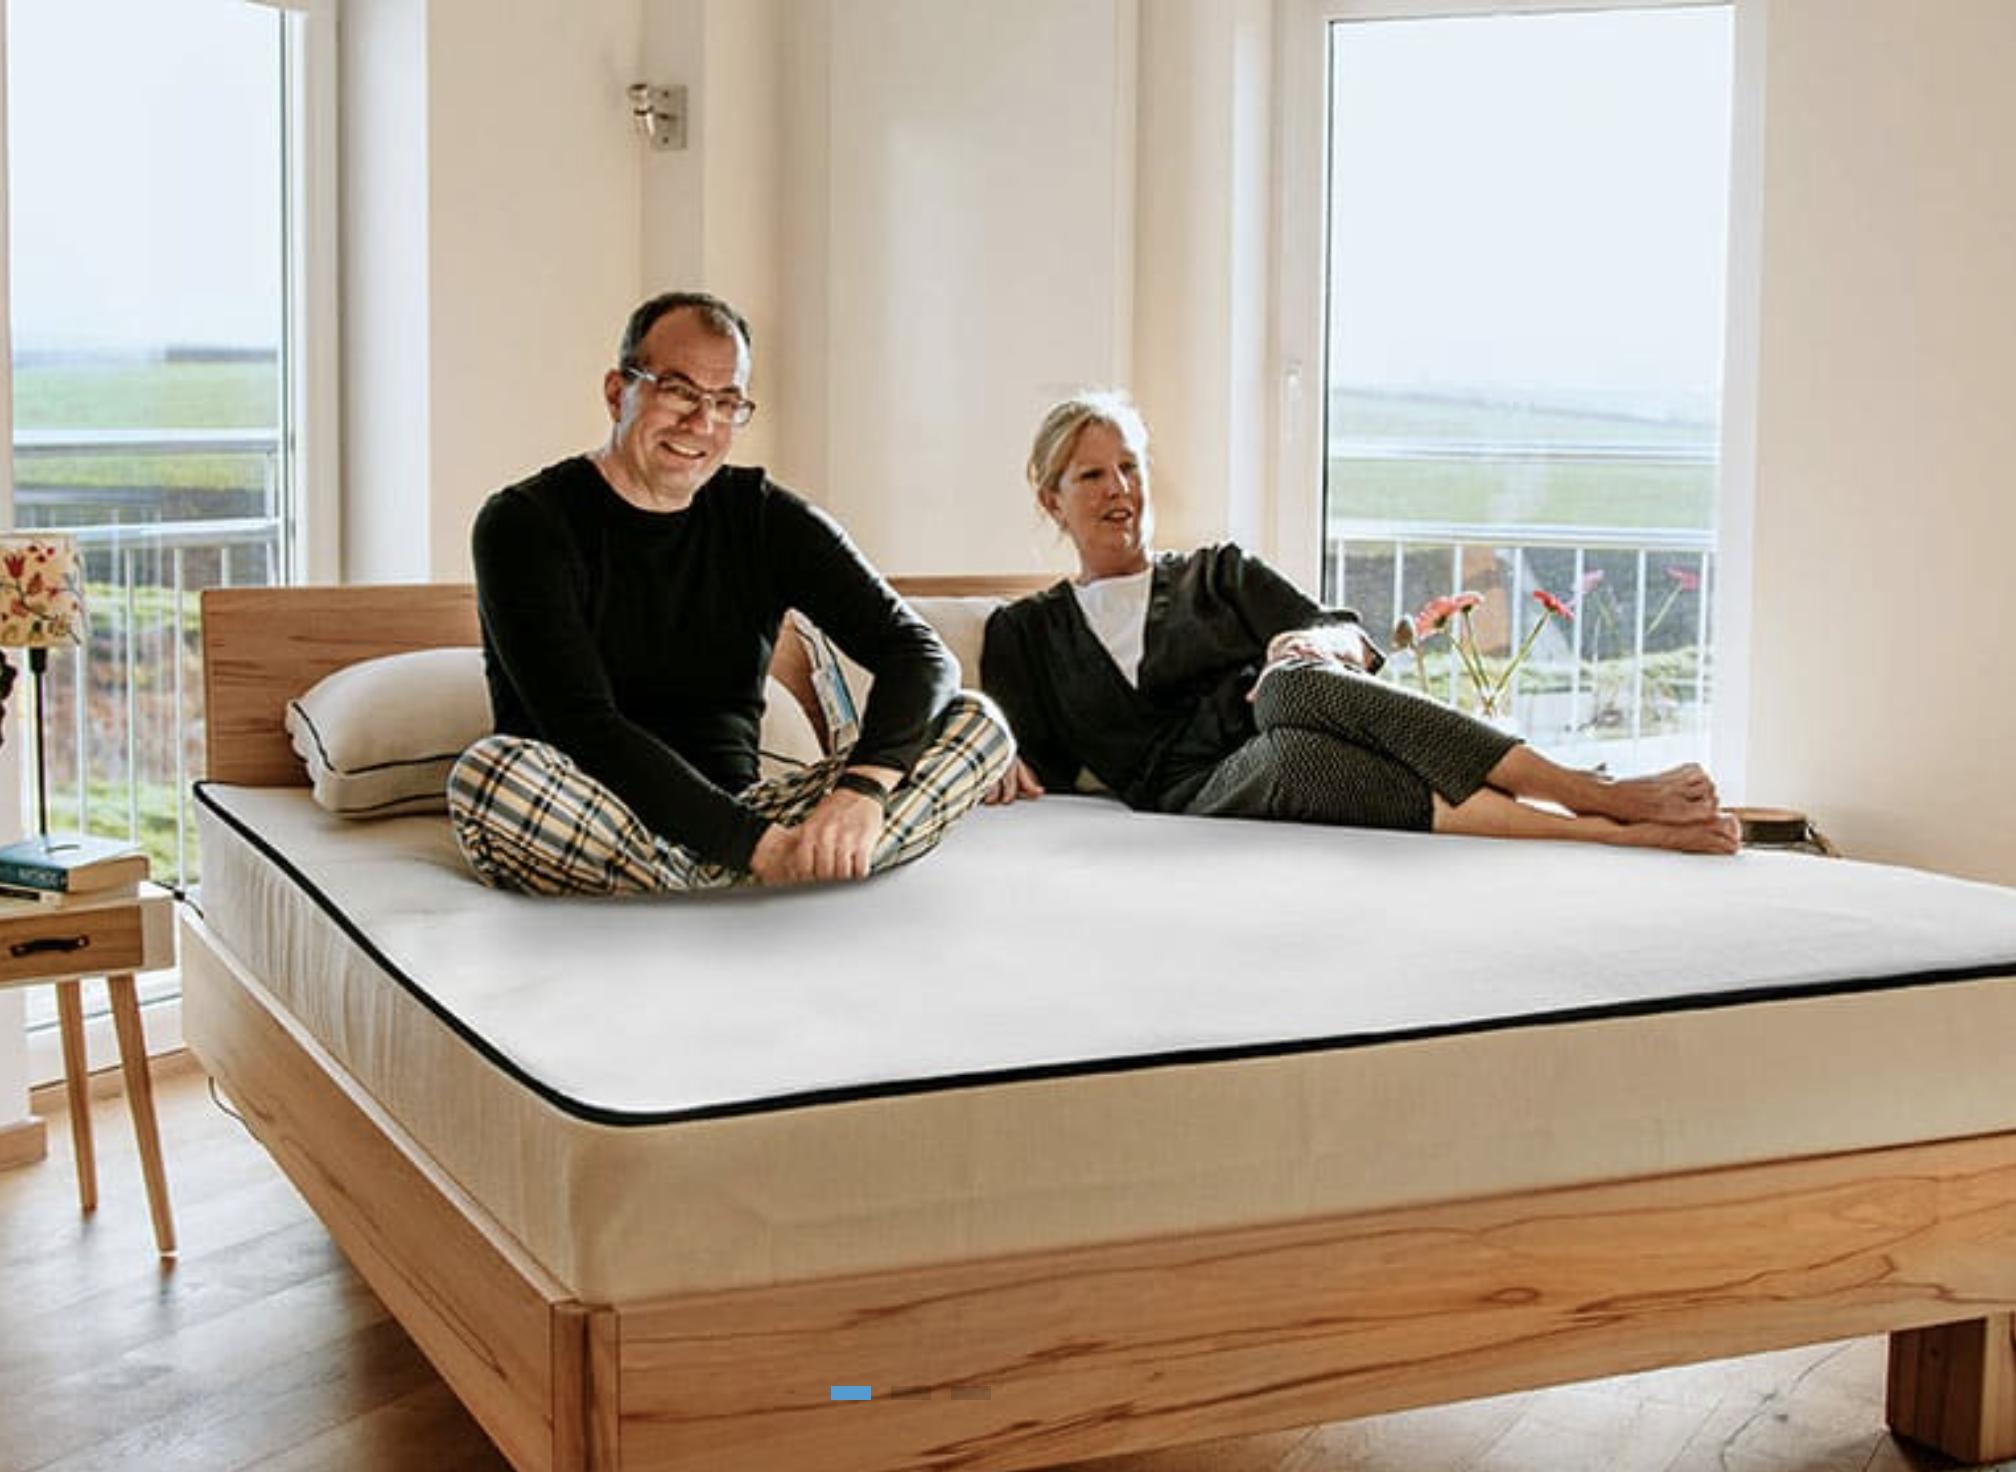 Una Mattress offers organic latex mattresses free of FR chemicals